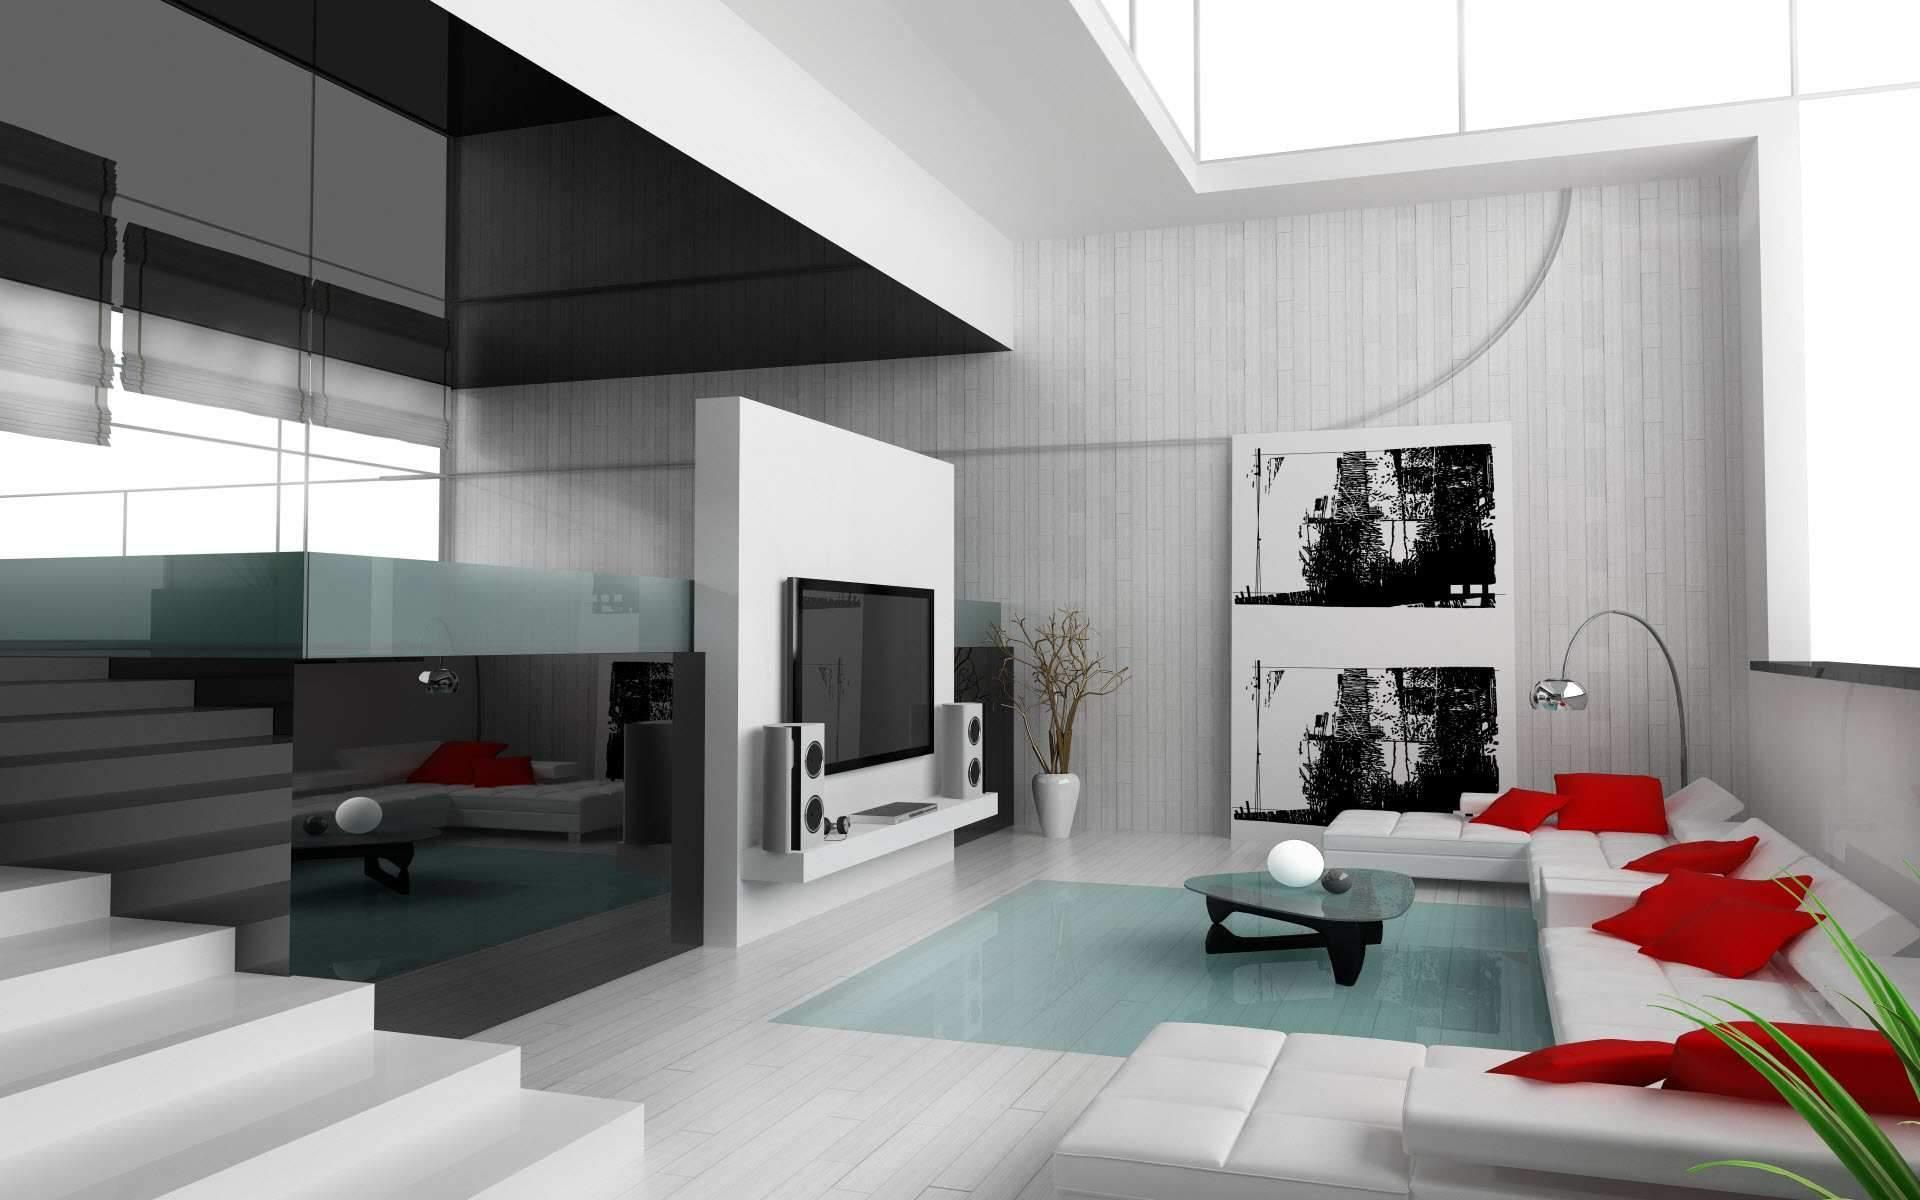 Merveilleux Decoration Interieur Maison Turque